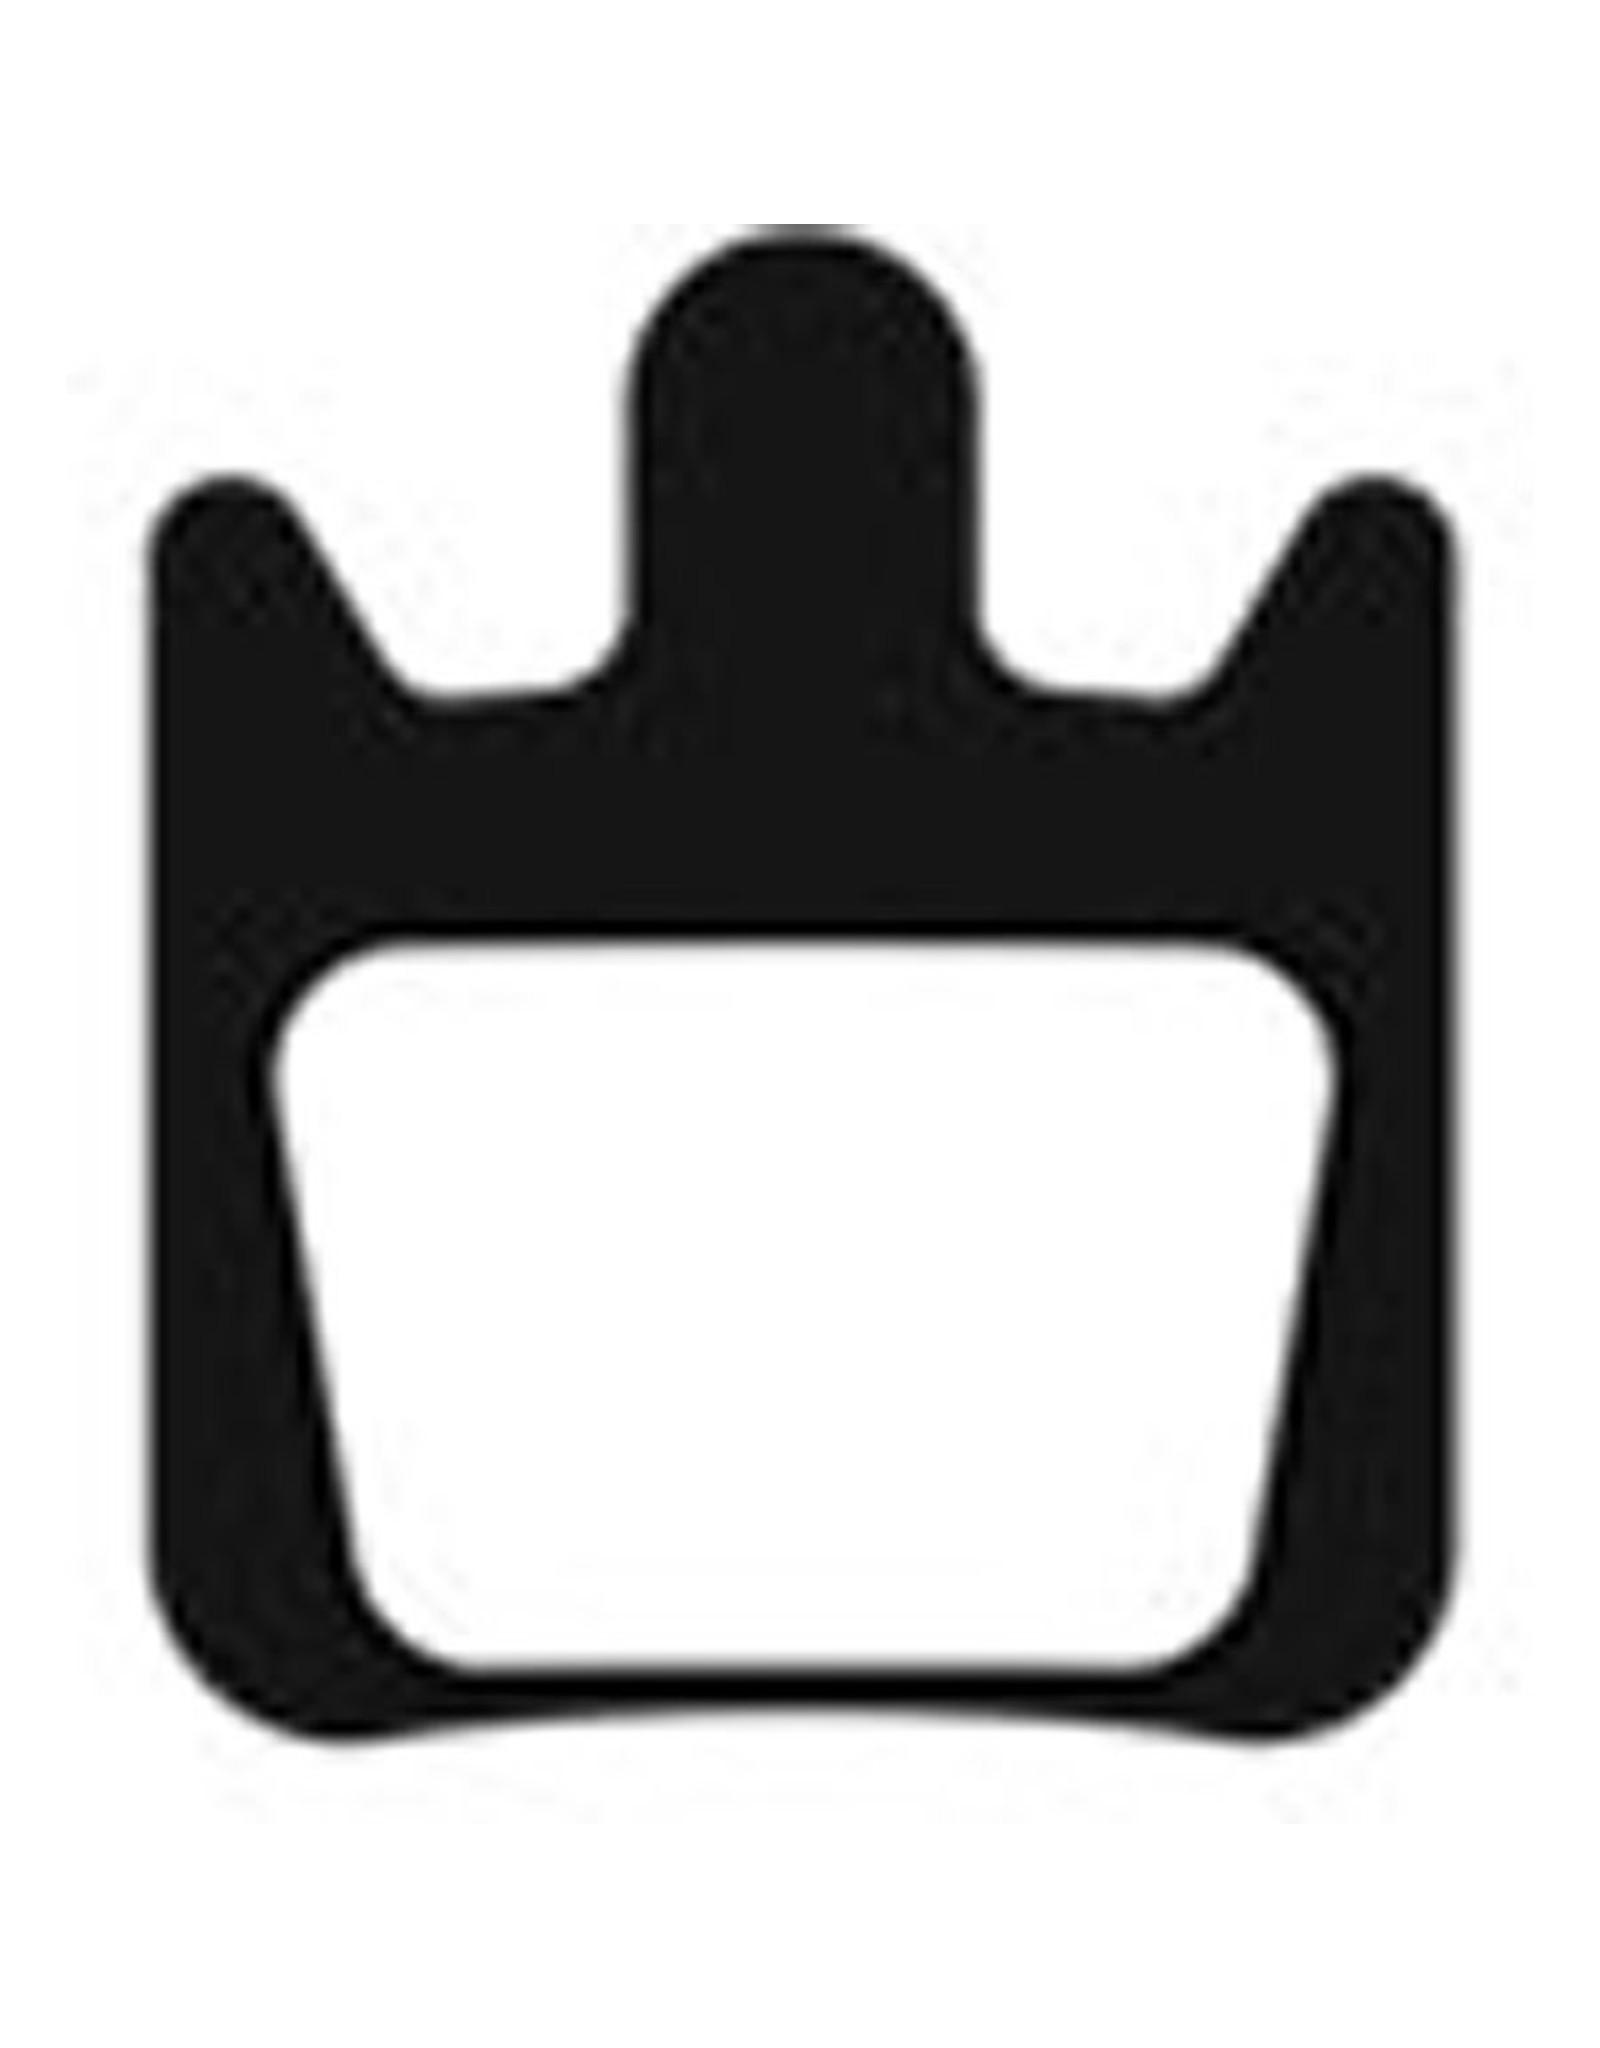 Aztec Brake Pads Disc Hope Tech X2 Sintered